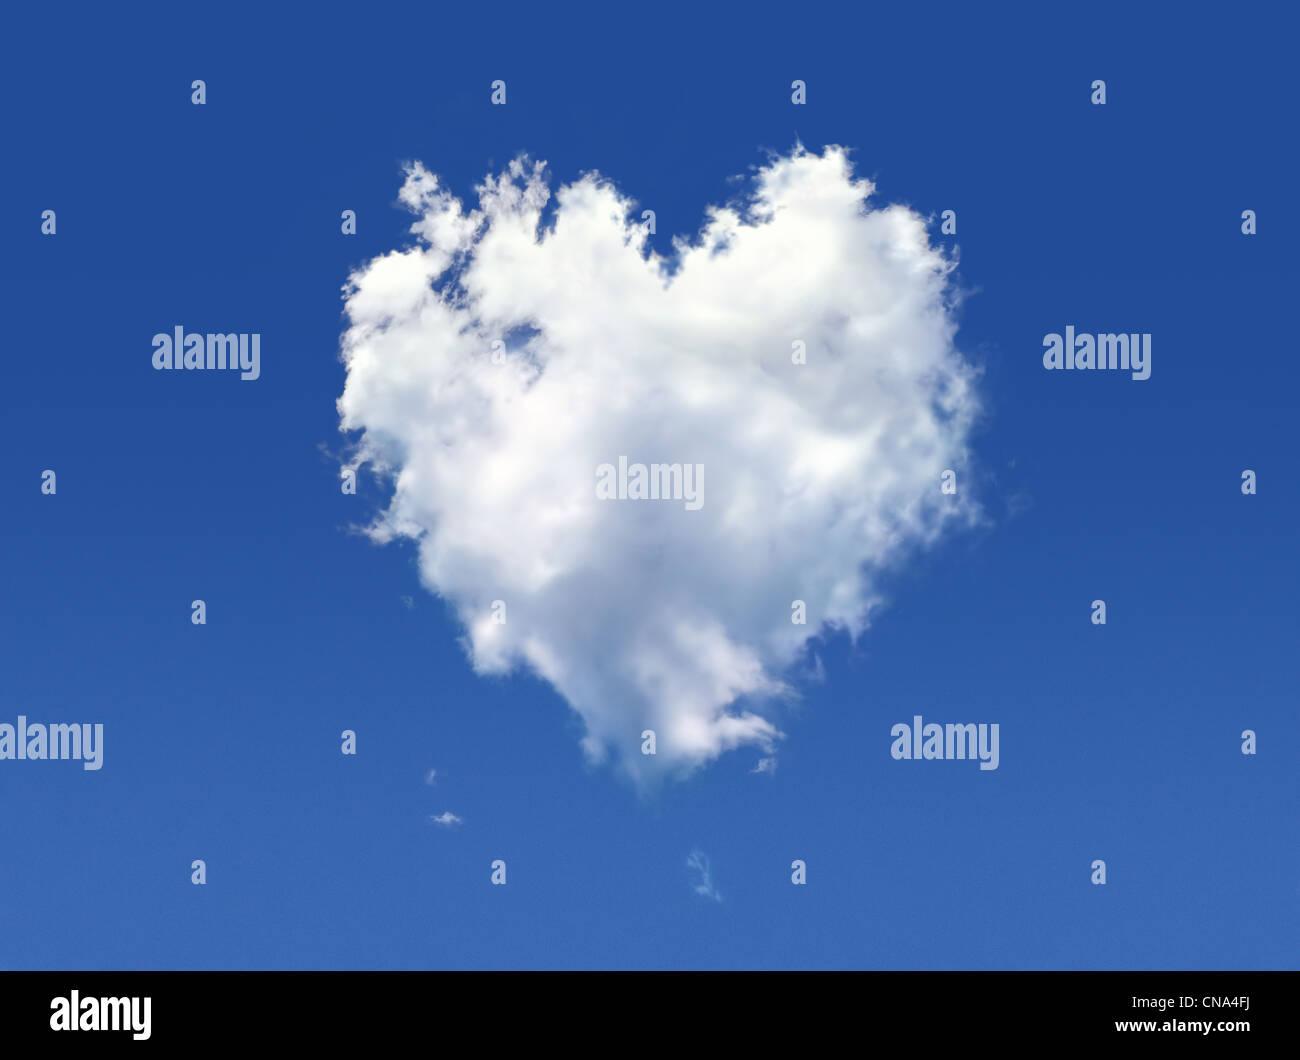 Flauschige Wolke von der Form des Herzens, auf einem tiefblauen Himmel. Stockbild